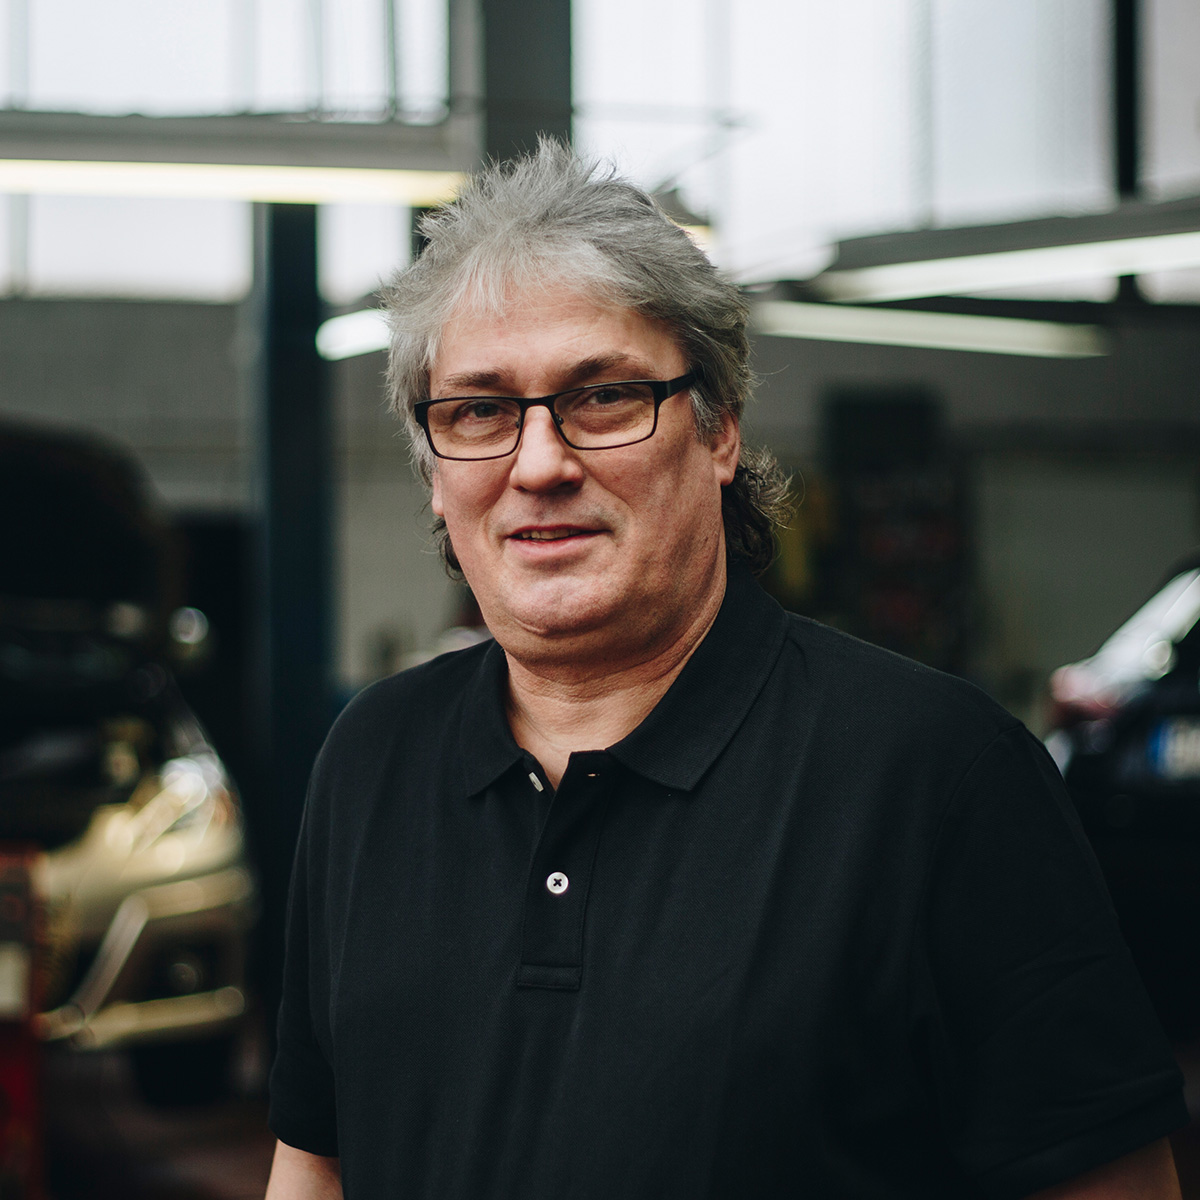 Matthias Giering